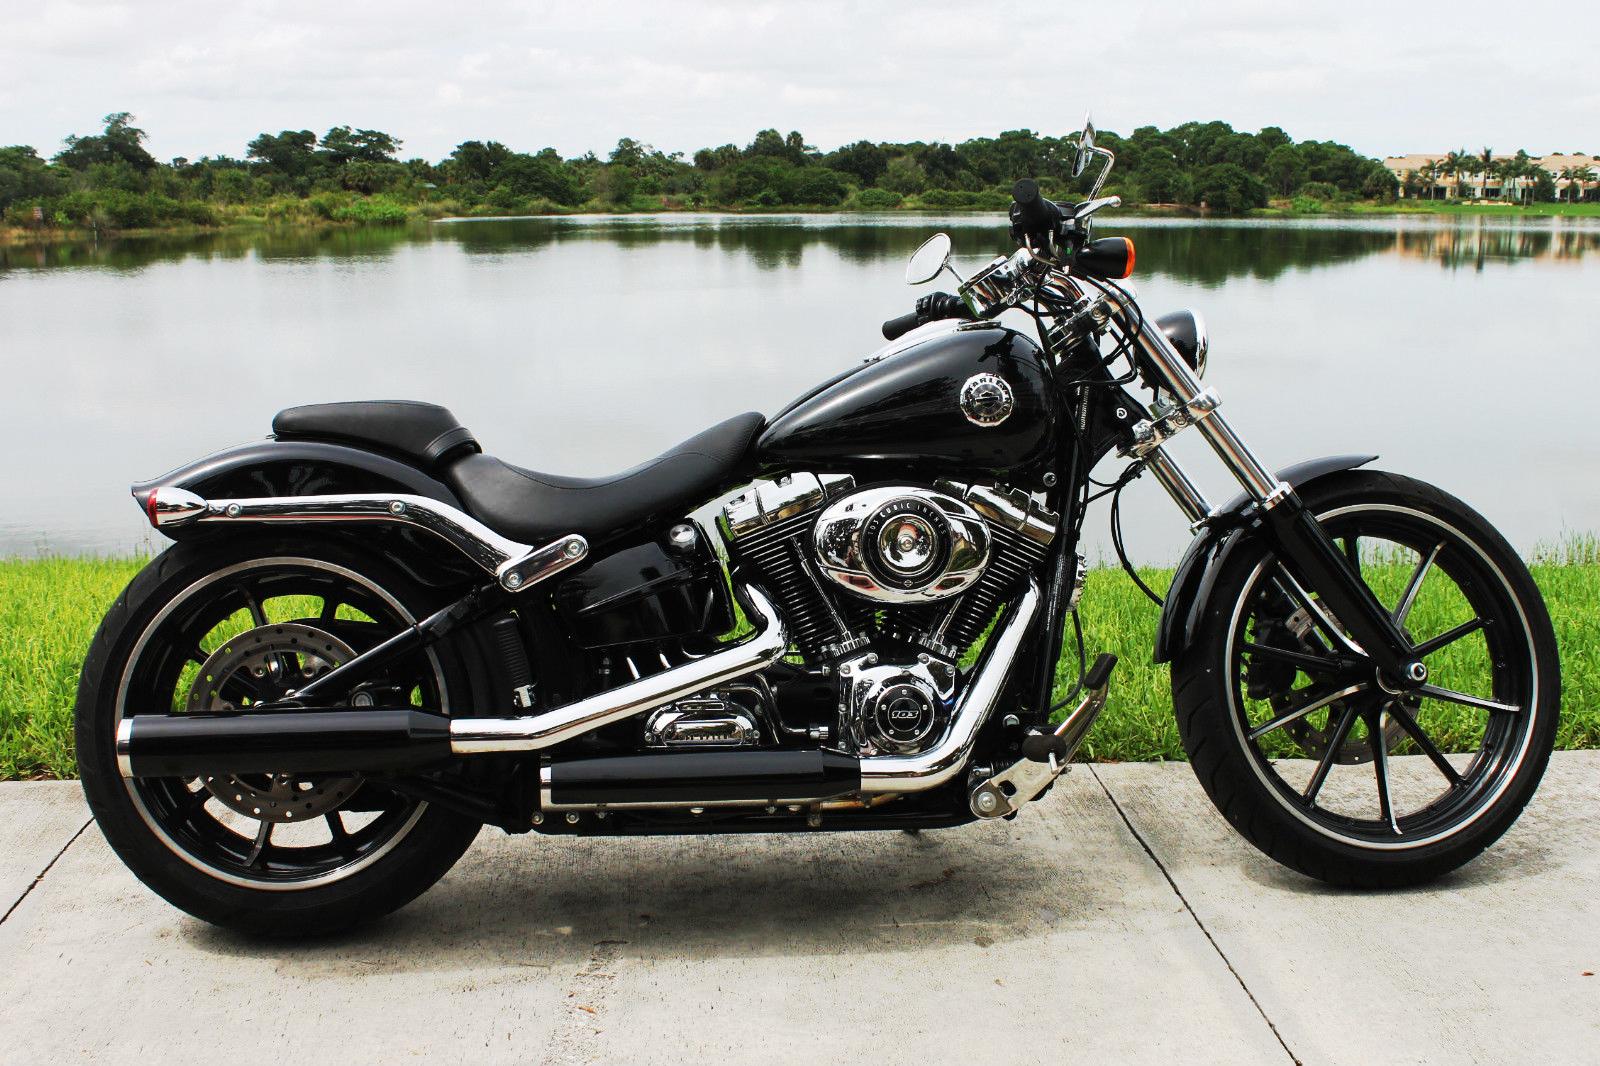 Harley Davidson Breakout For Sale >> 2014 Harley Davidson Breakout 103 FXSB